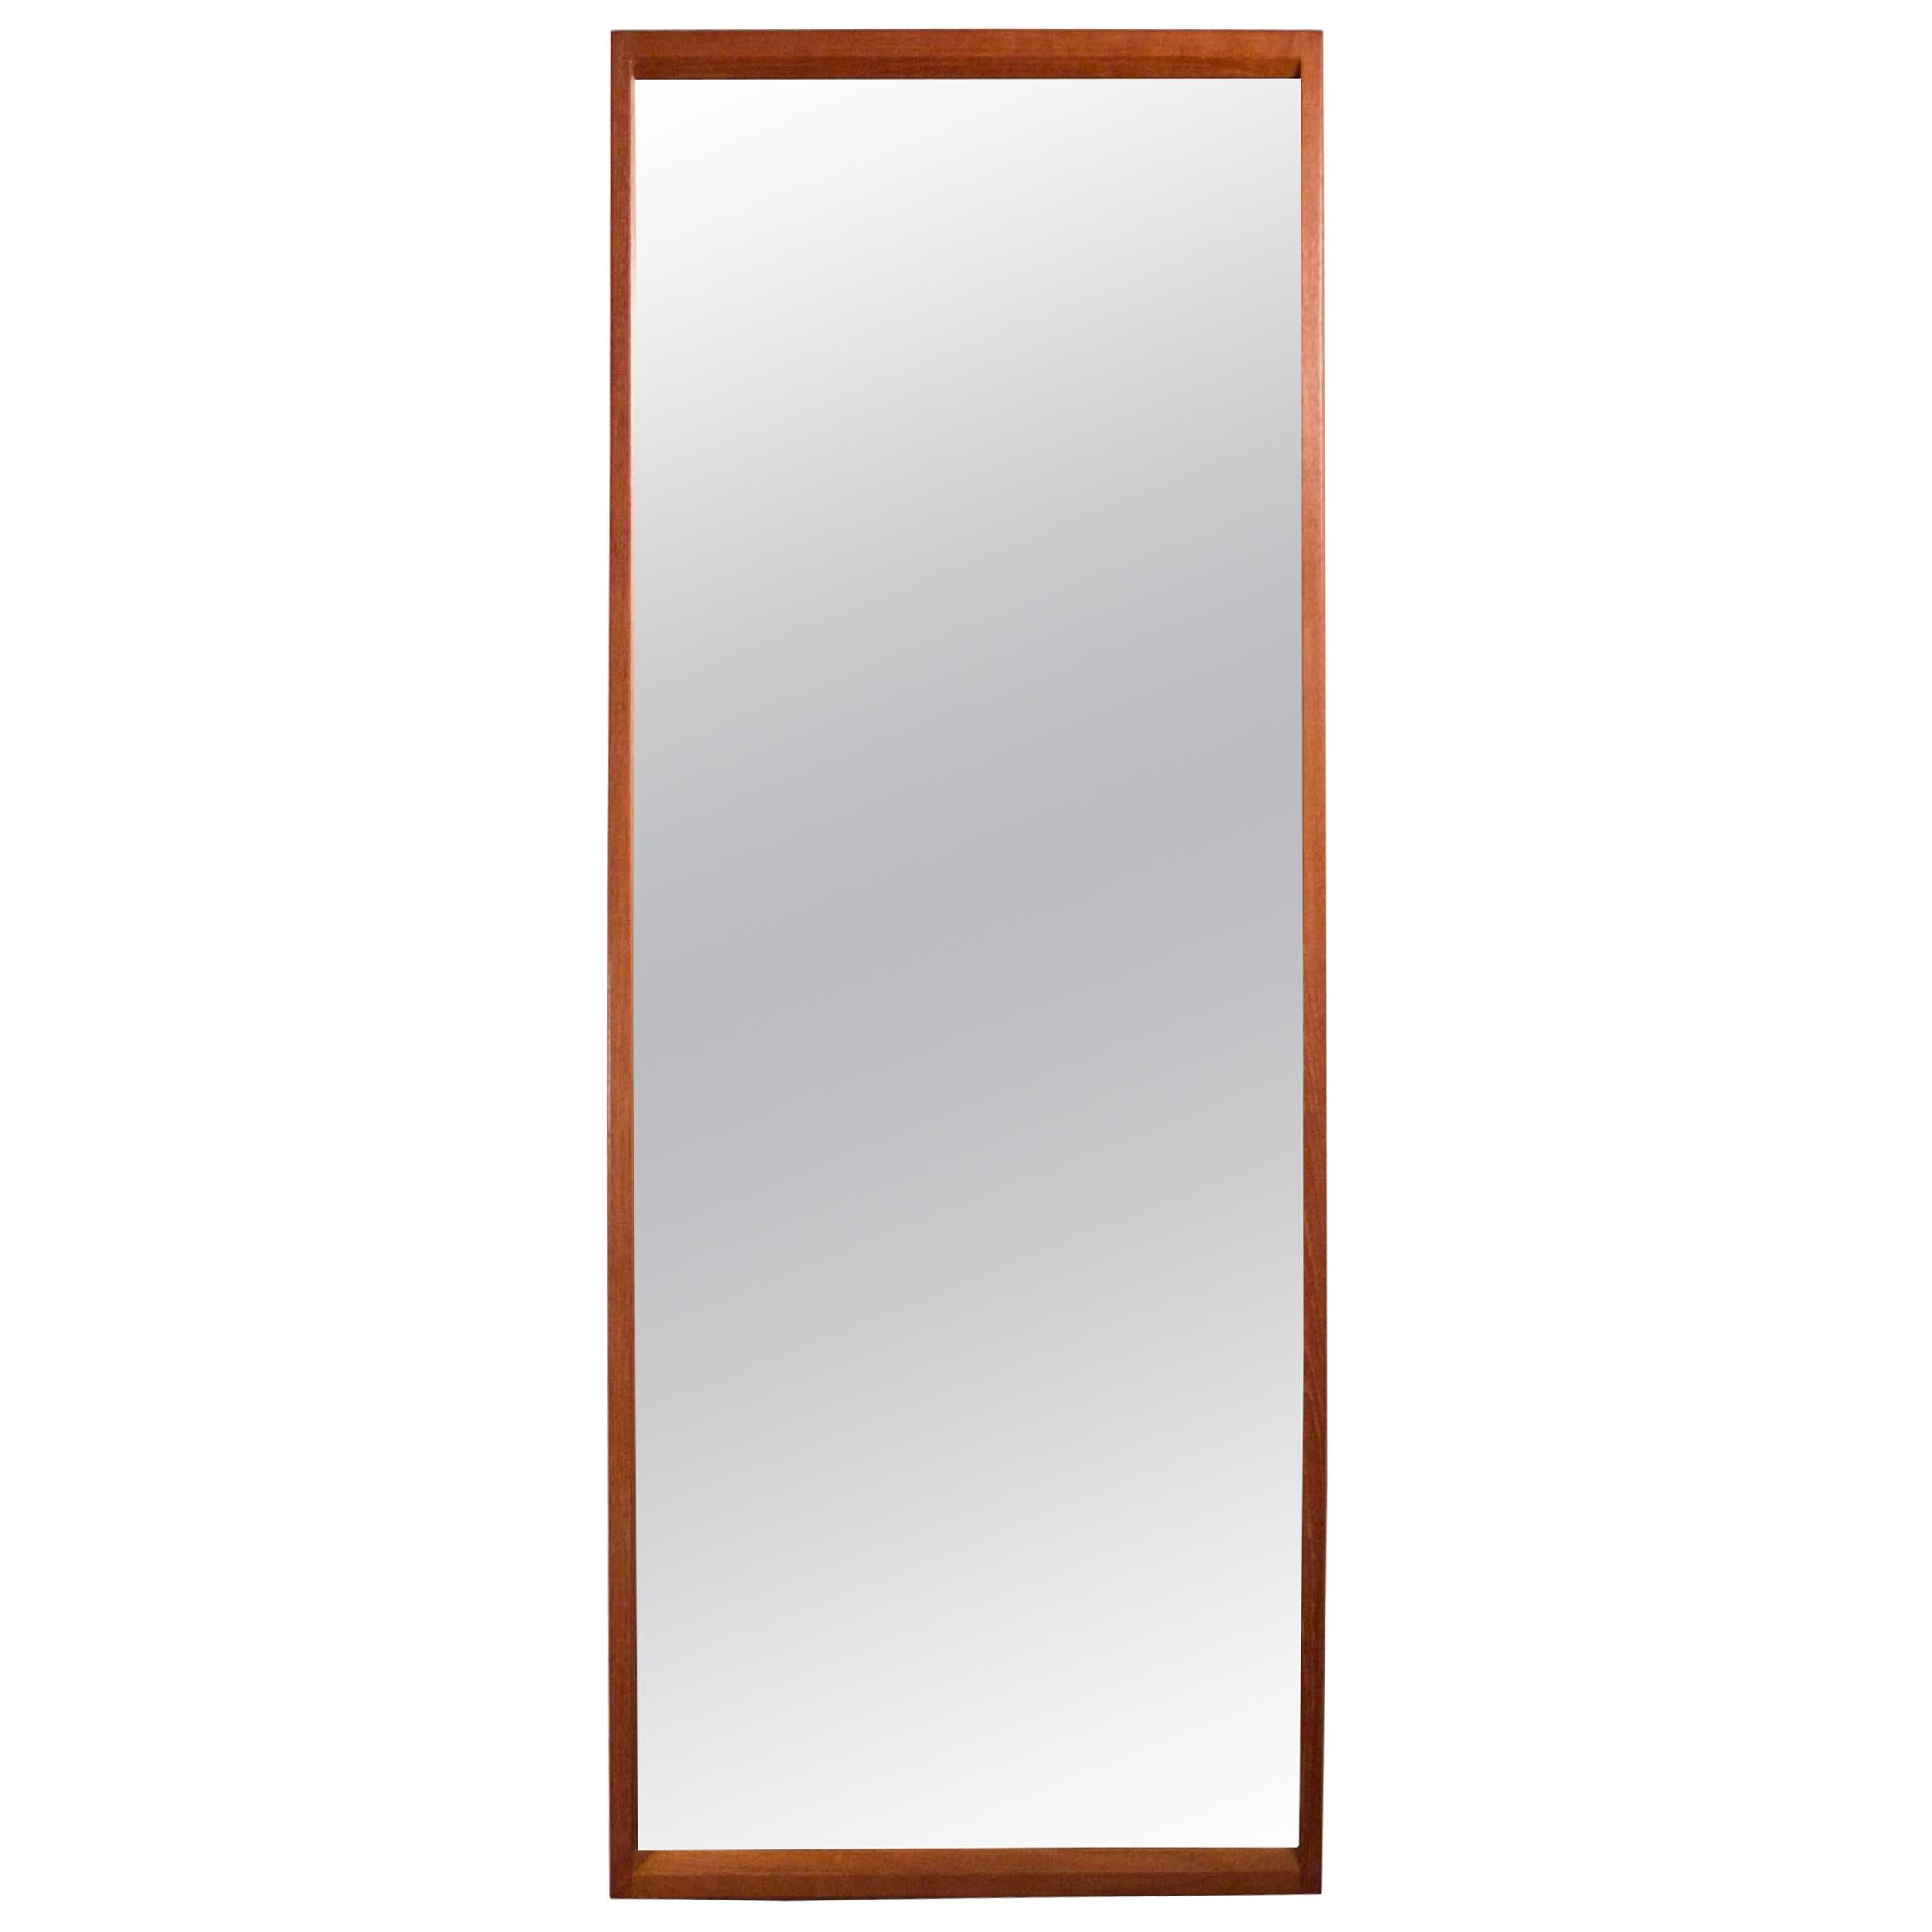 Aksel Kjersgaard Teak Wall Mirror No. 145 by Odder, Made in Denmark, 1960s